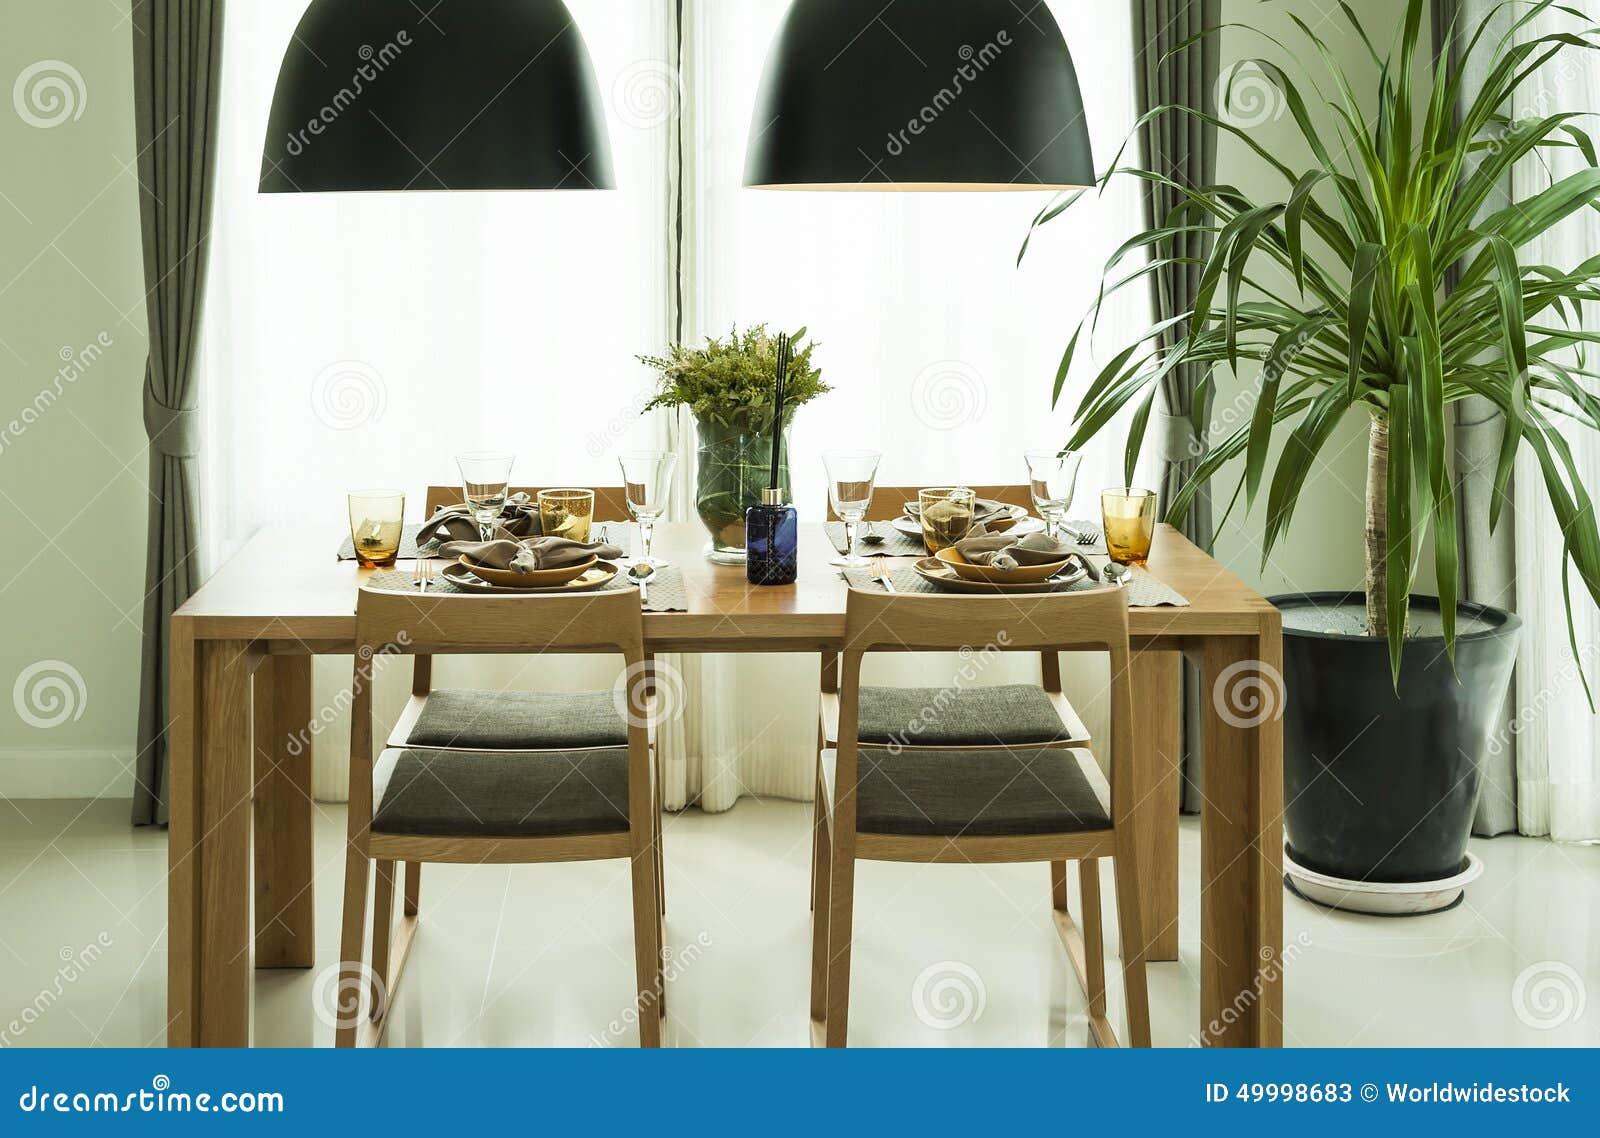 indogate.com | chaise de salle a manger moderne - Chaises Confortables Salle Manger